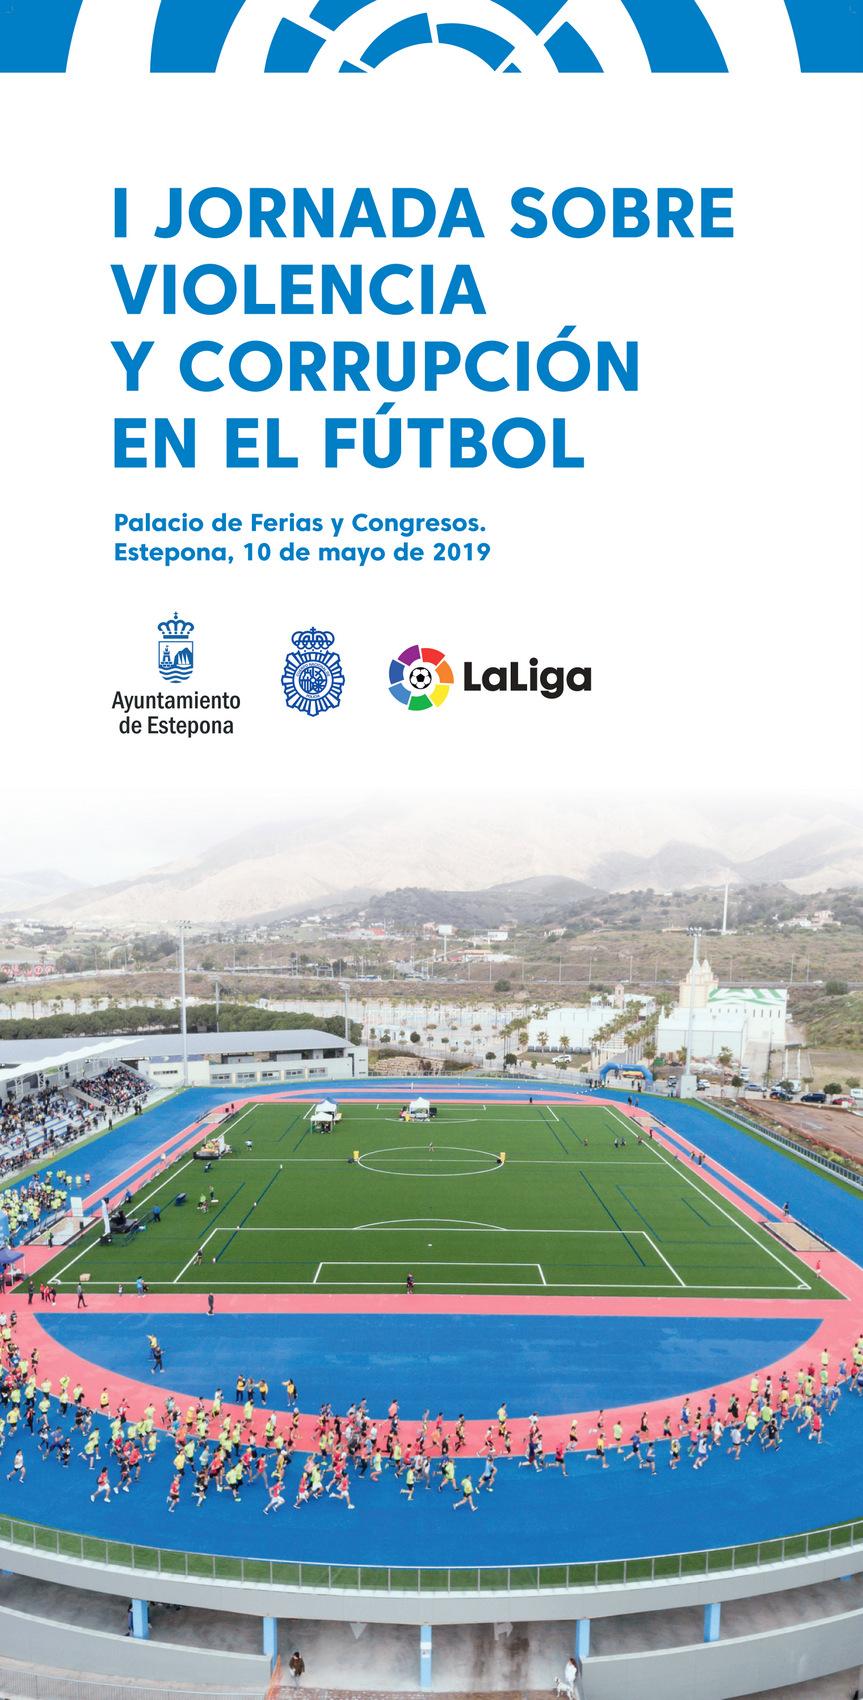 Estepona Estepona Mañana se celebran las jornadas sobre violencia y corrupción en el fútbol organizadas por el Ayuntamiento de Estepona y La Liga